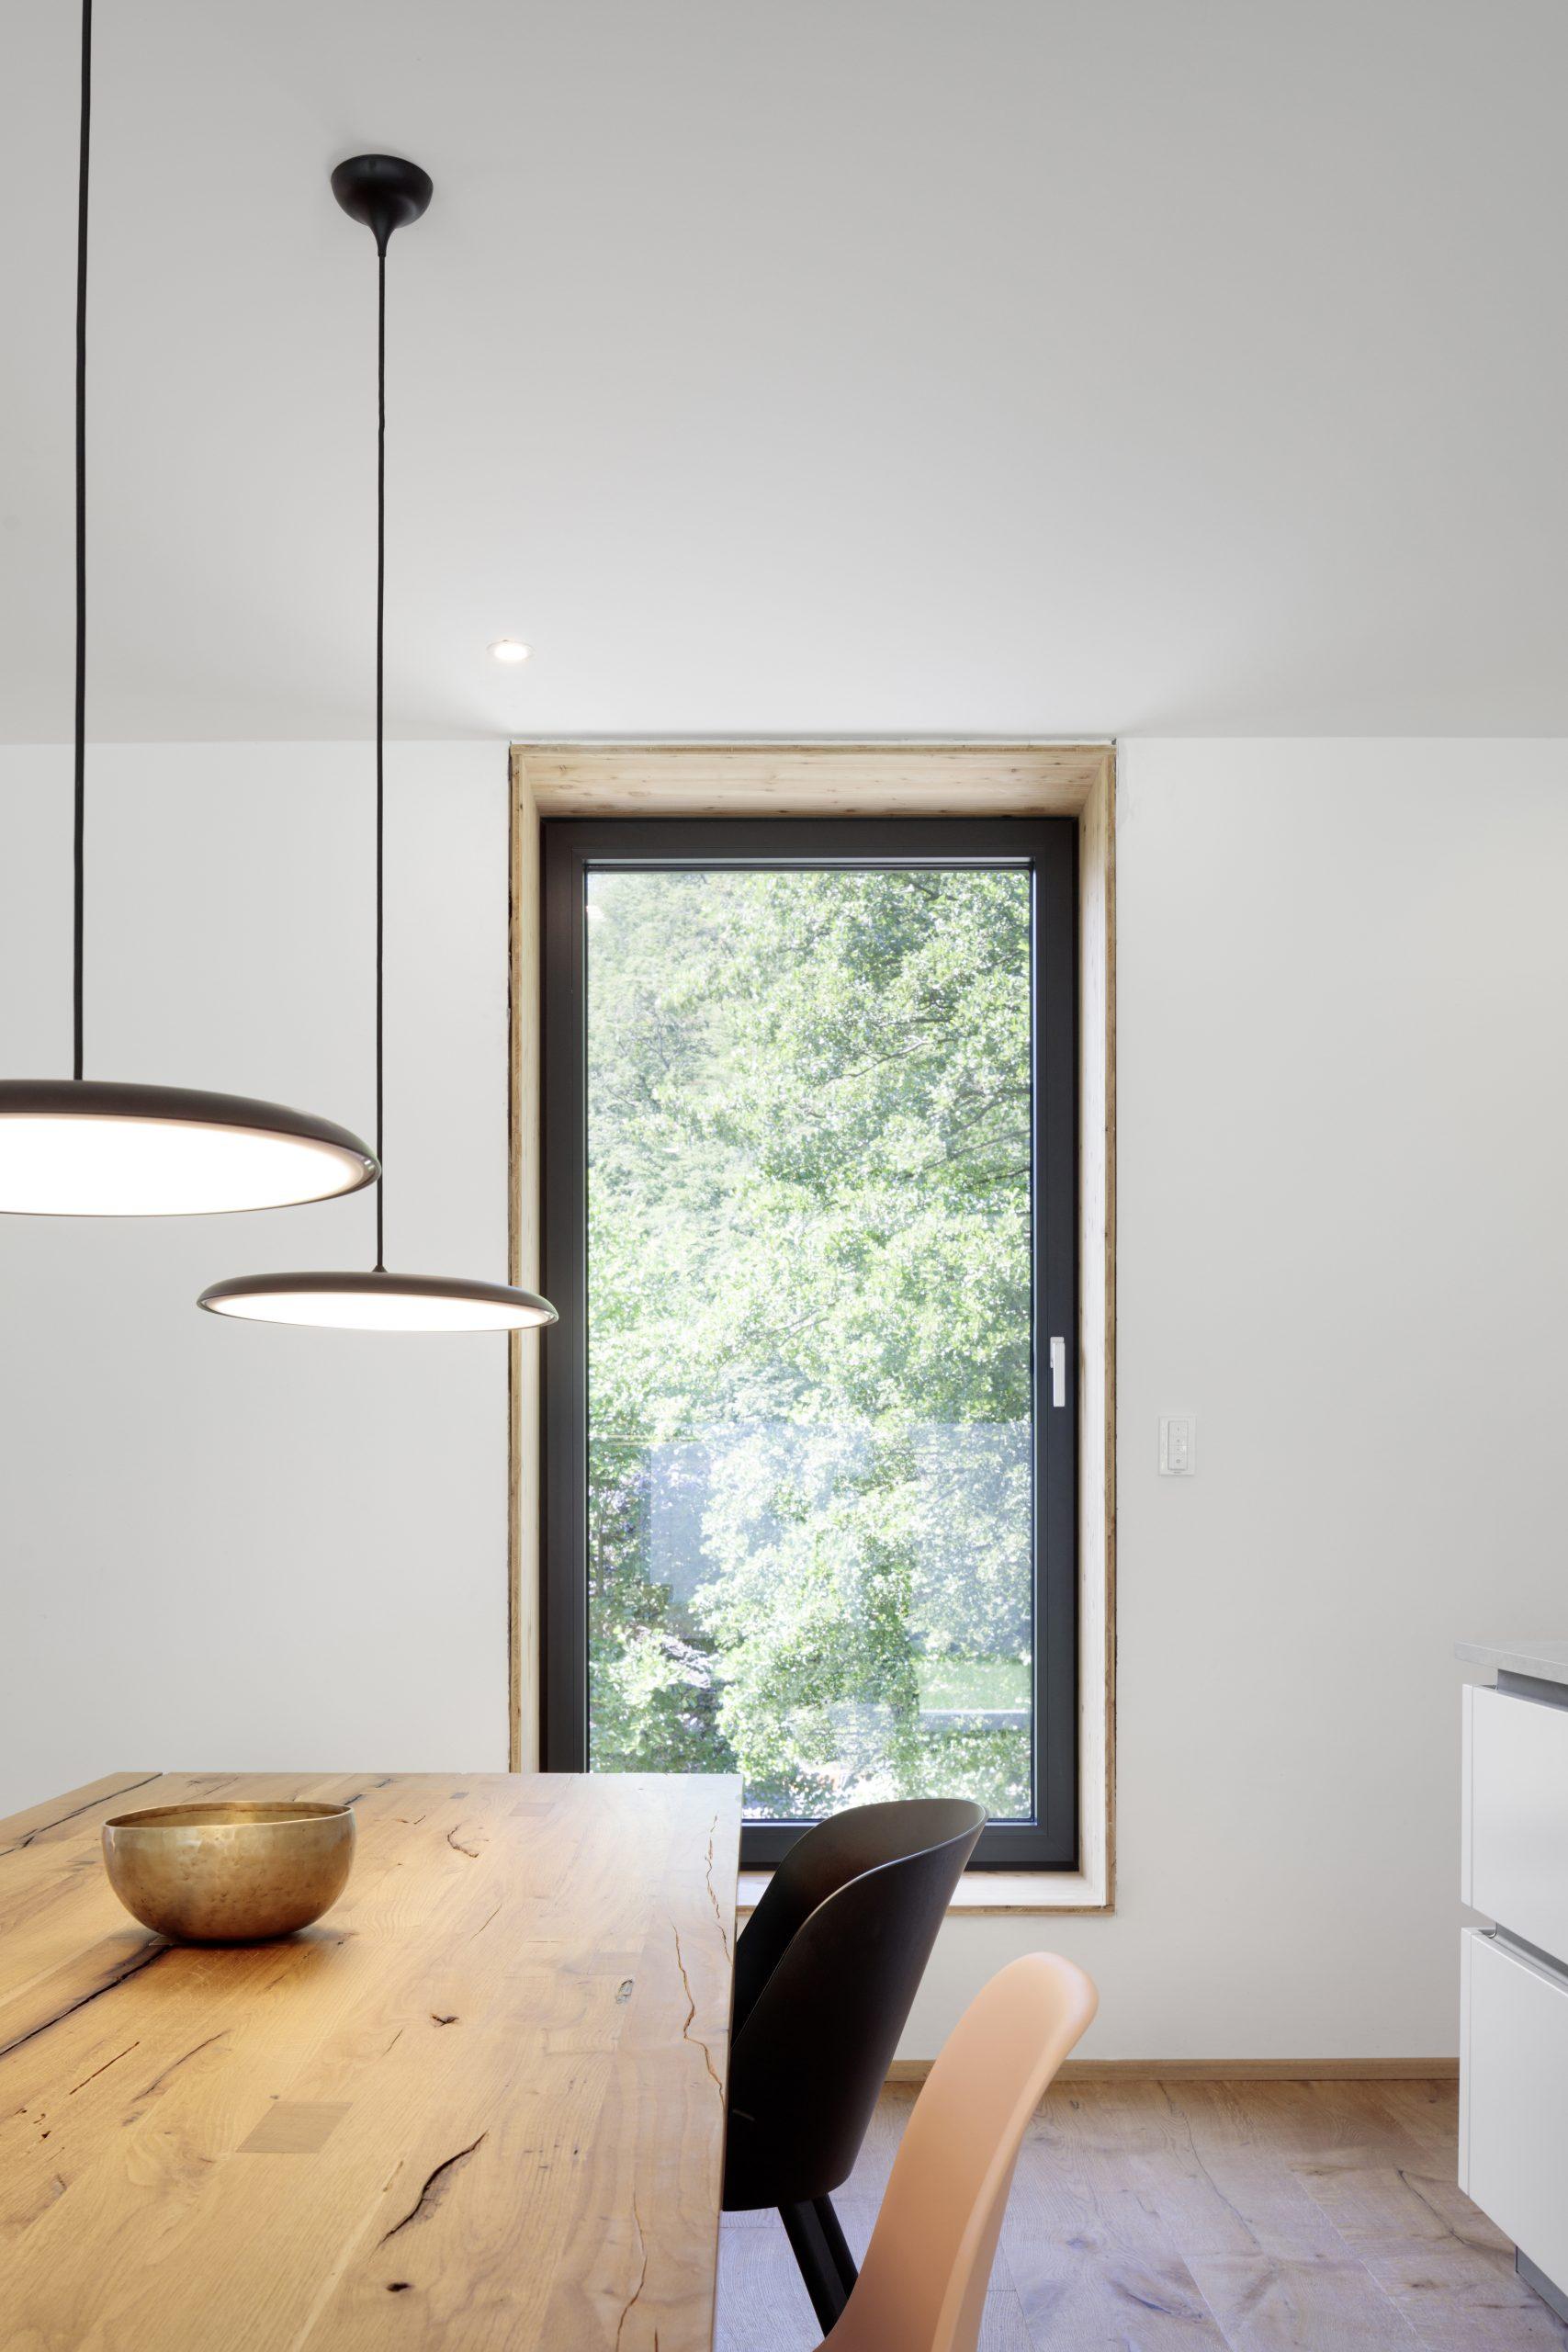 passivhaus windows prices